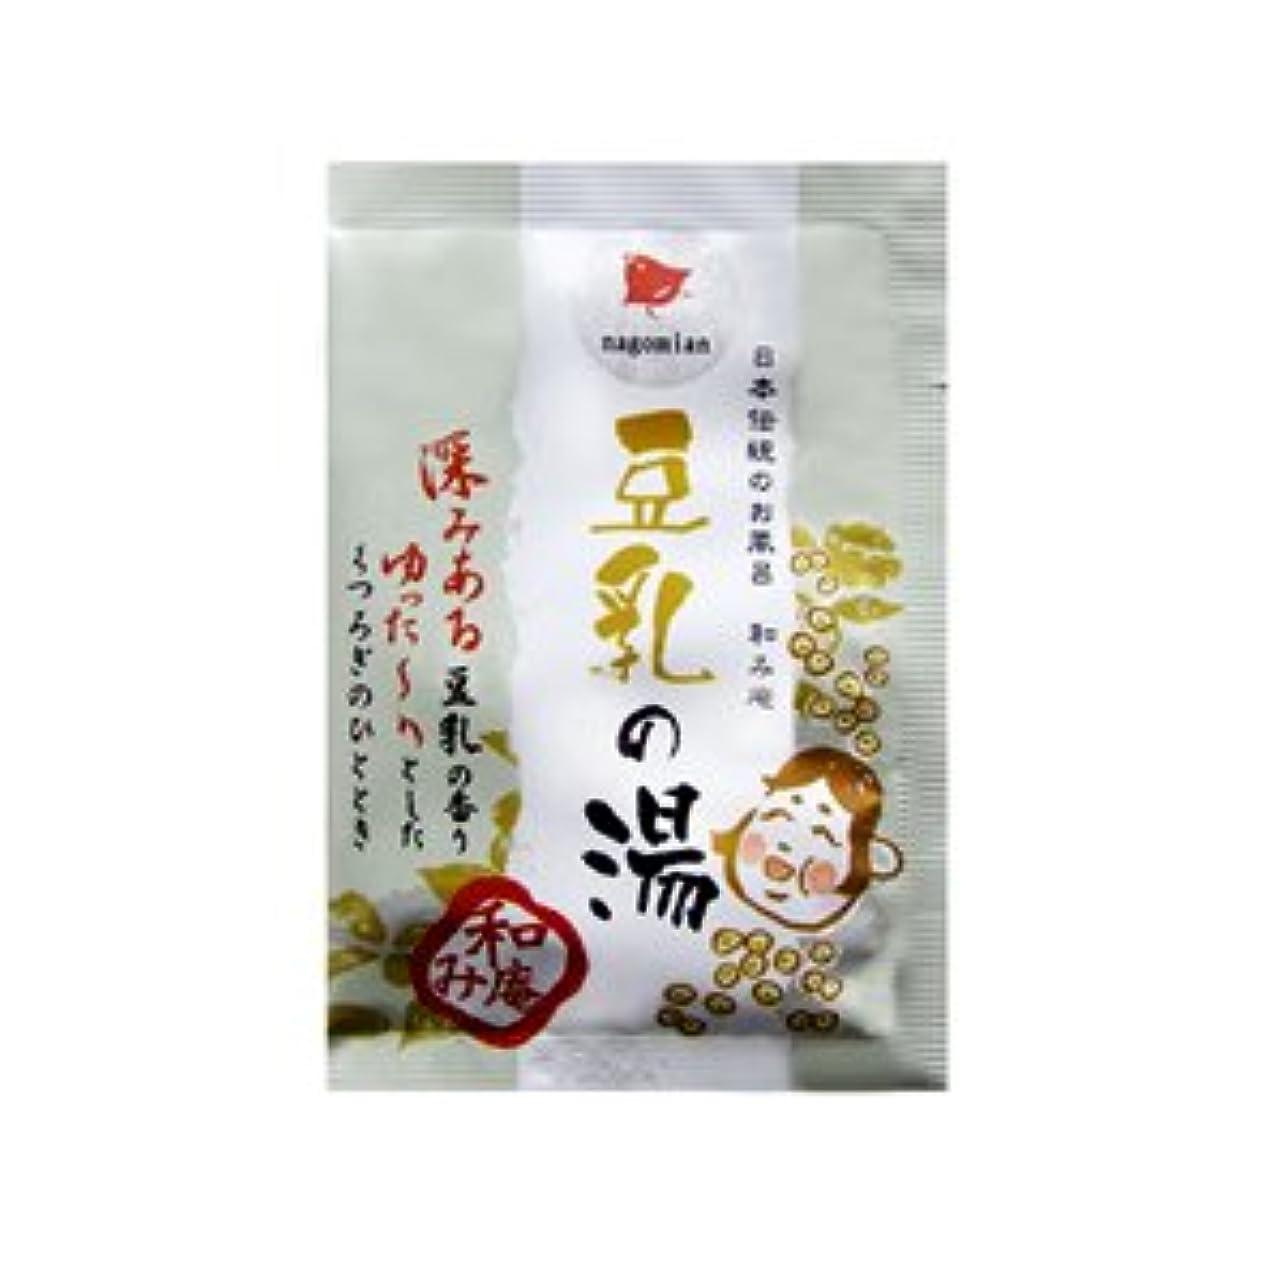 前者テンポスリップ日本伝統のお風呂 和み庵 豆乳の湯 25g 5個セット